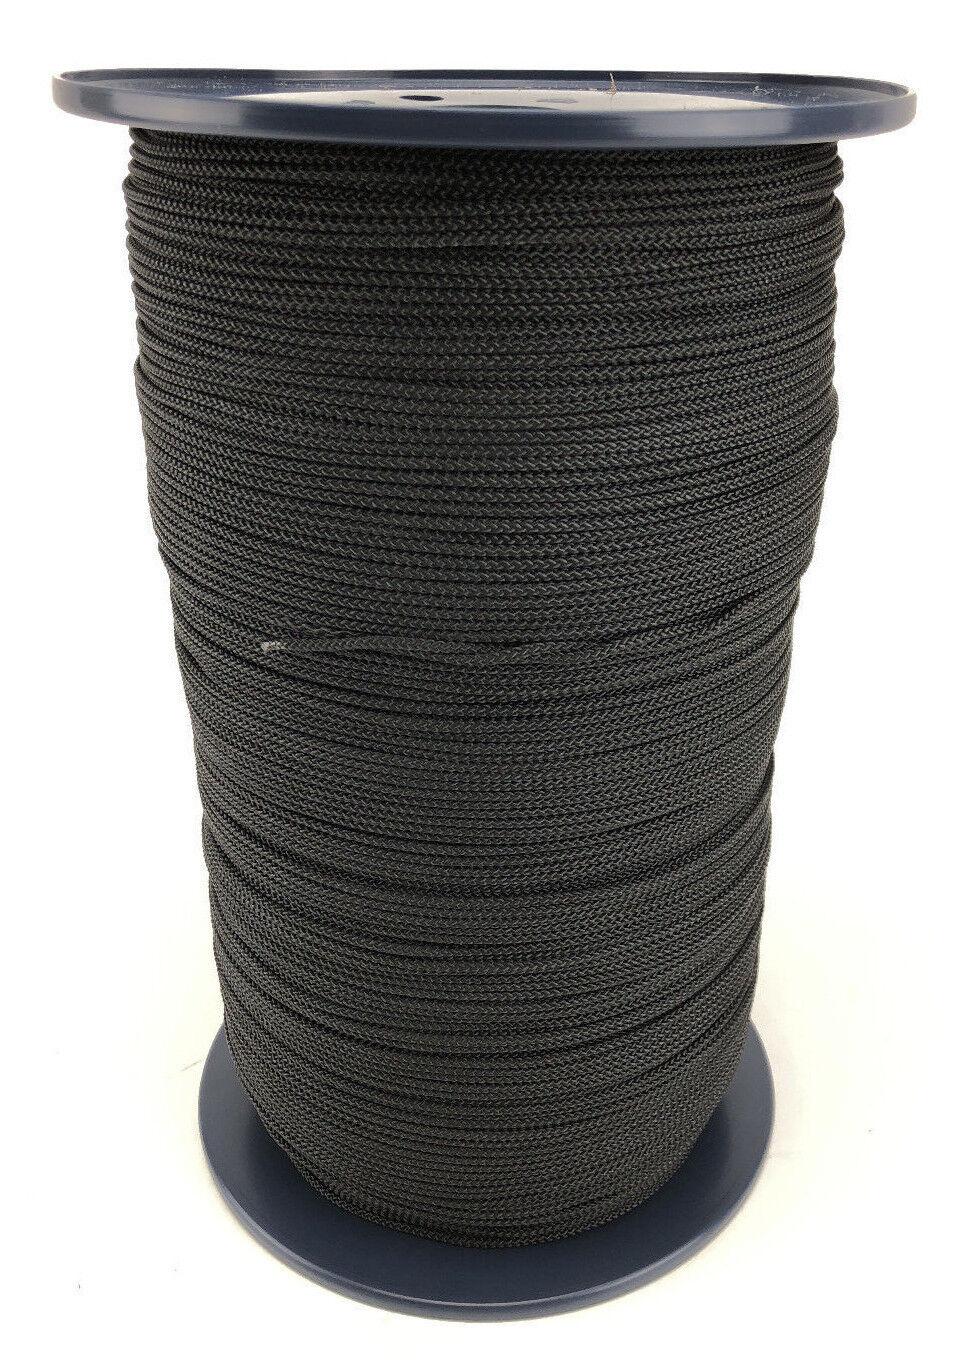 3mm Schwarze Polyester Schnur X 1000 Meter Rolle Marine Schmuck Nähen Kordelzug